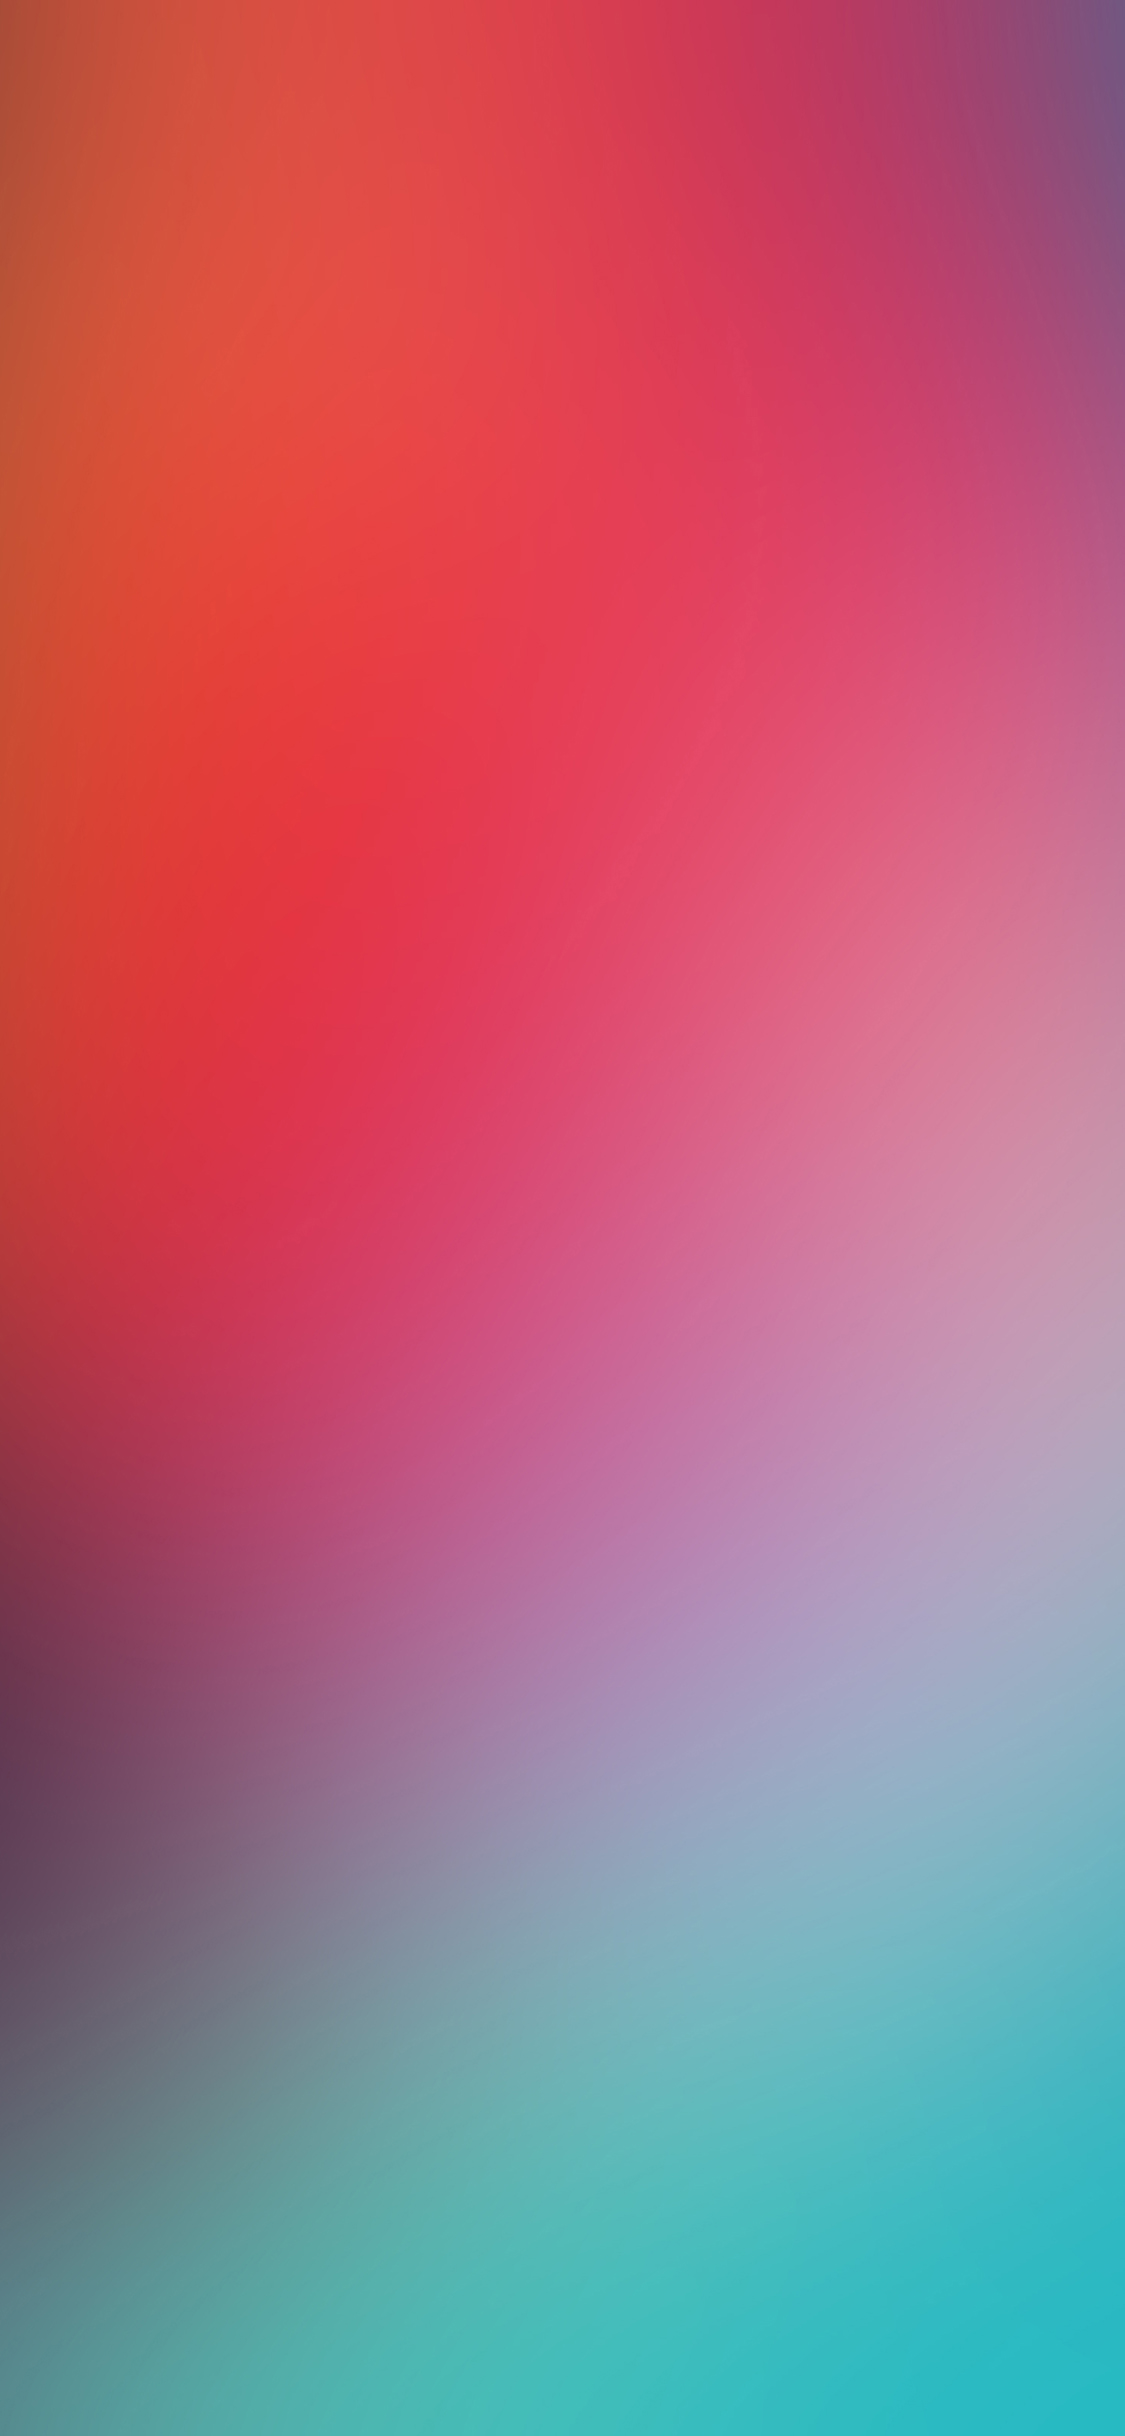 iPhoneXpapers.com-Apple-iPhone-wallpaper-sb34-wallpaper-baloon-blurrr